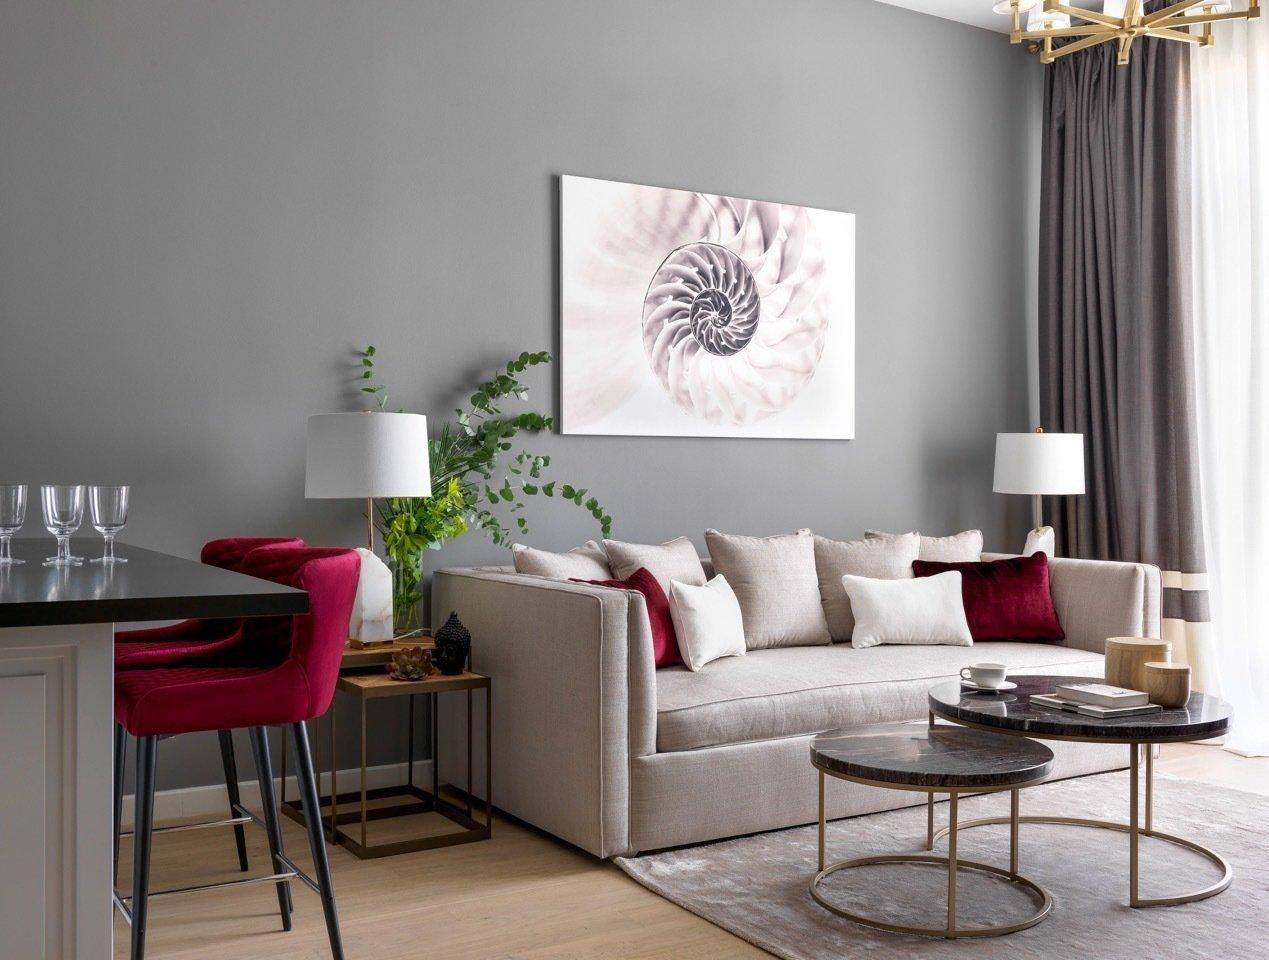 Сочетание монохромного дизайна и ярких цветовых акцентов создает атмосферу умиротворенного уюта.